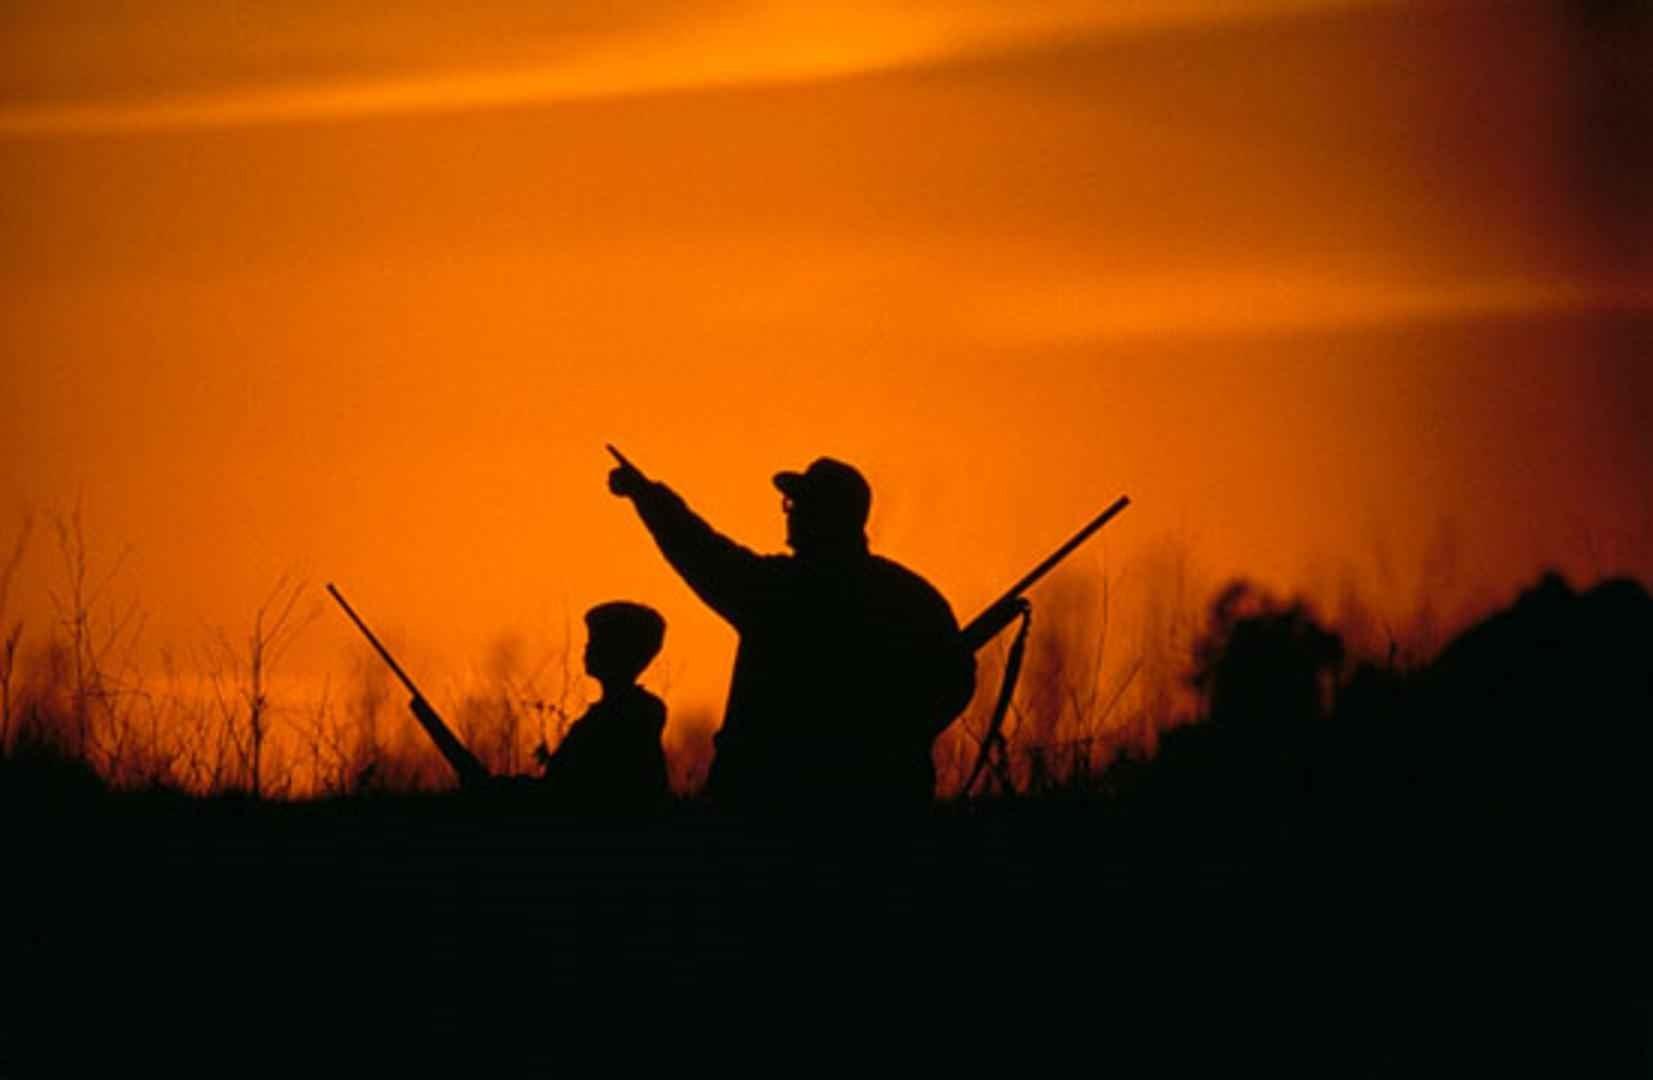 taking kids hunting